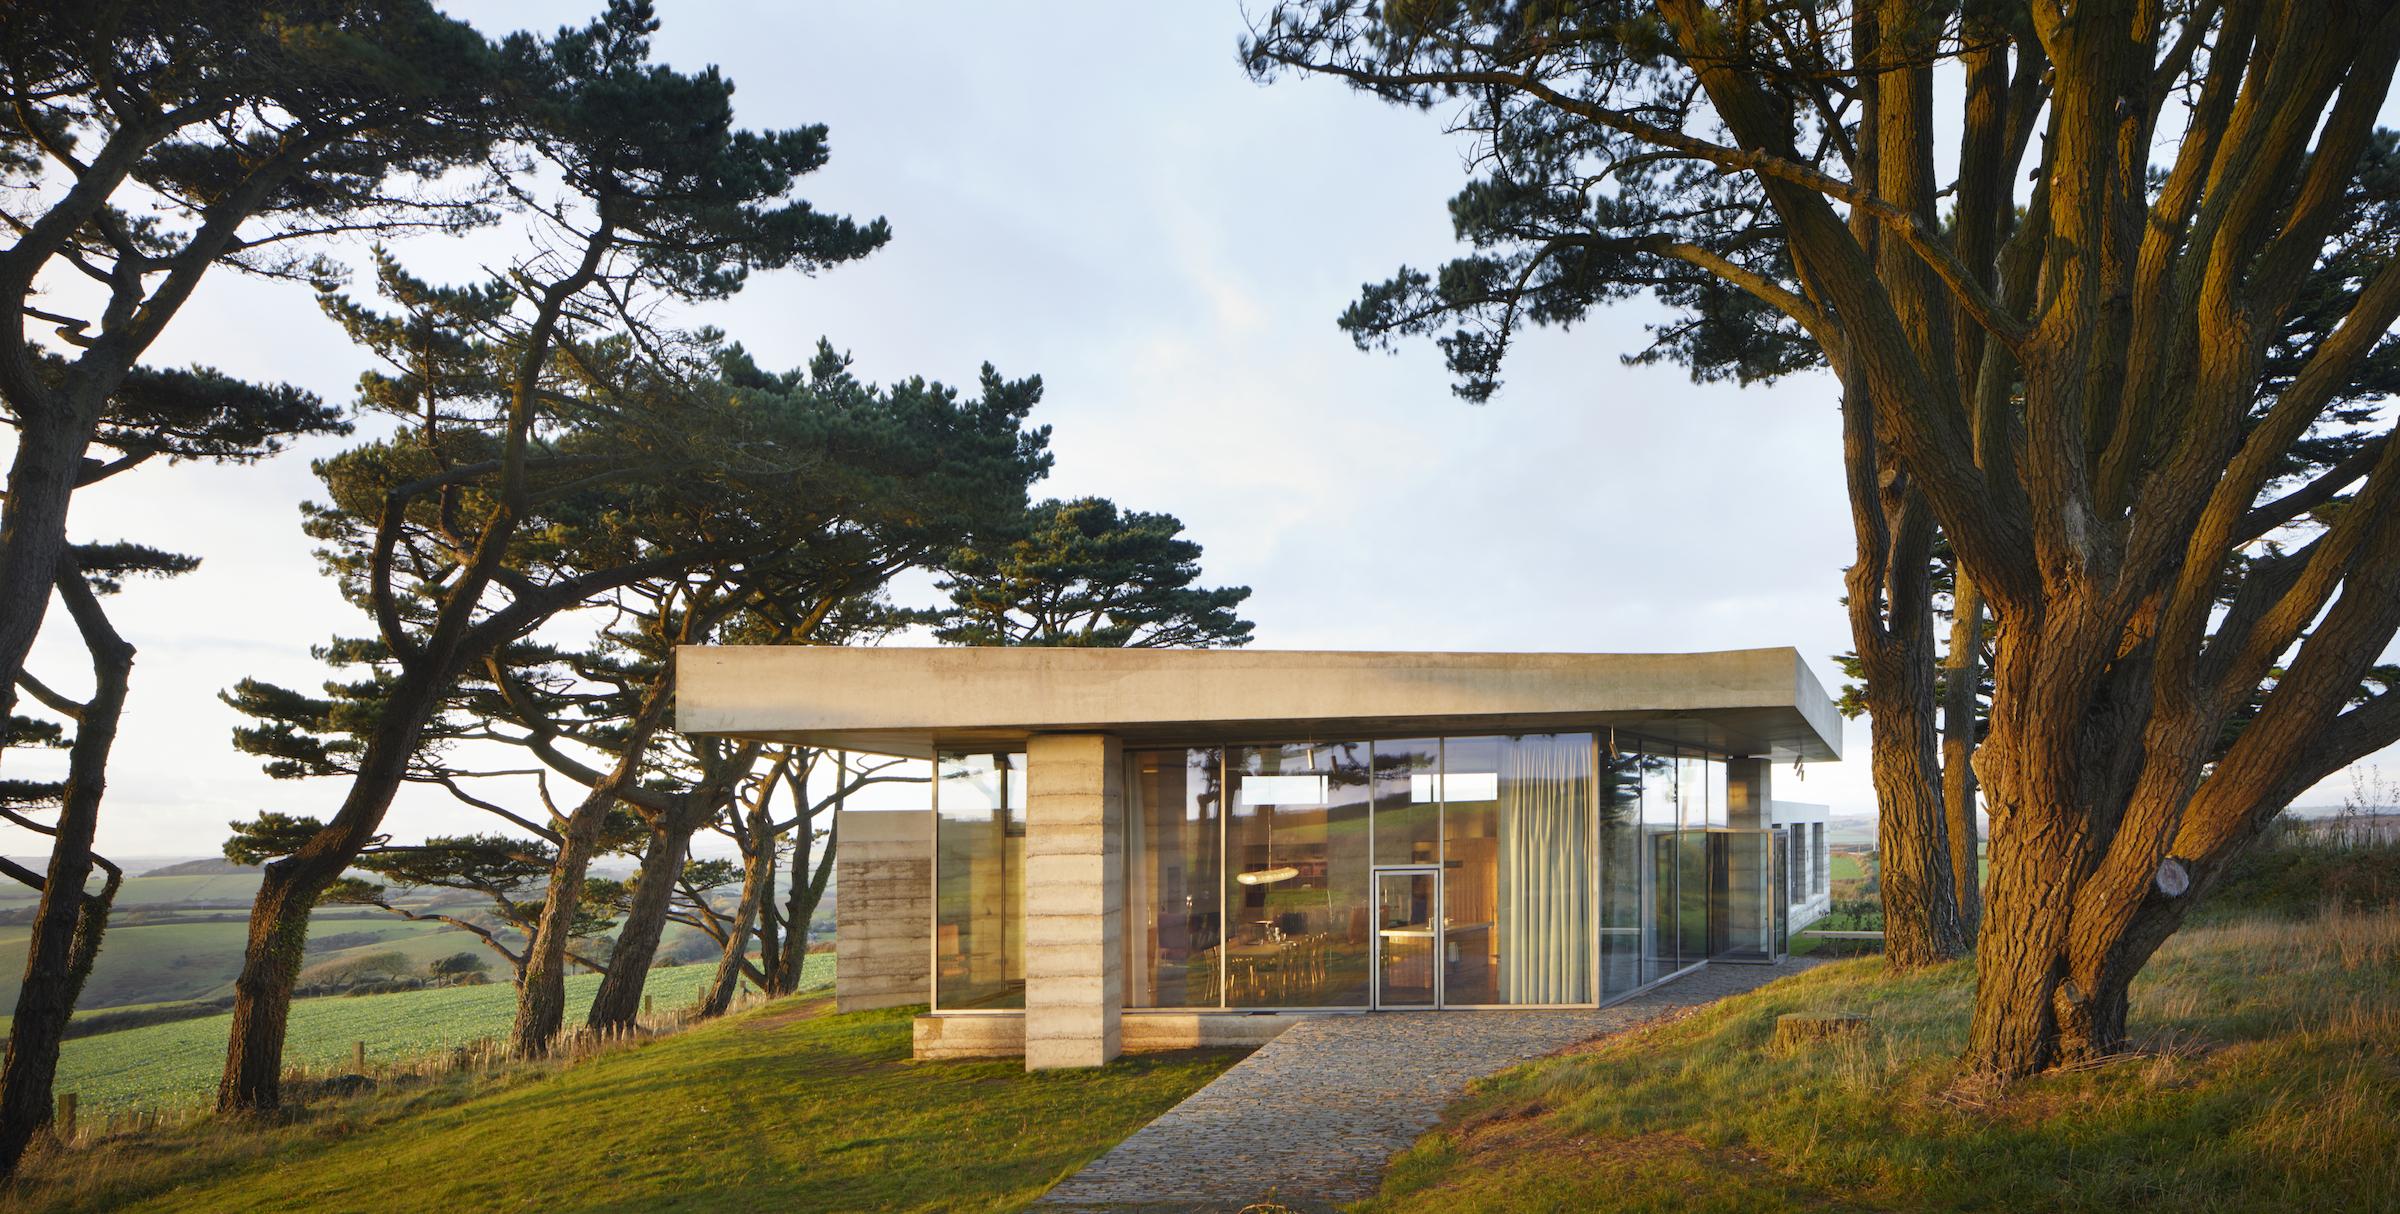 concrete villa among trees